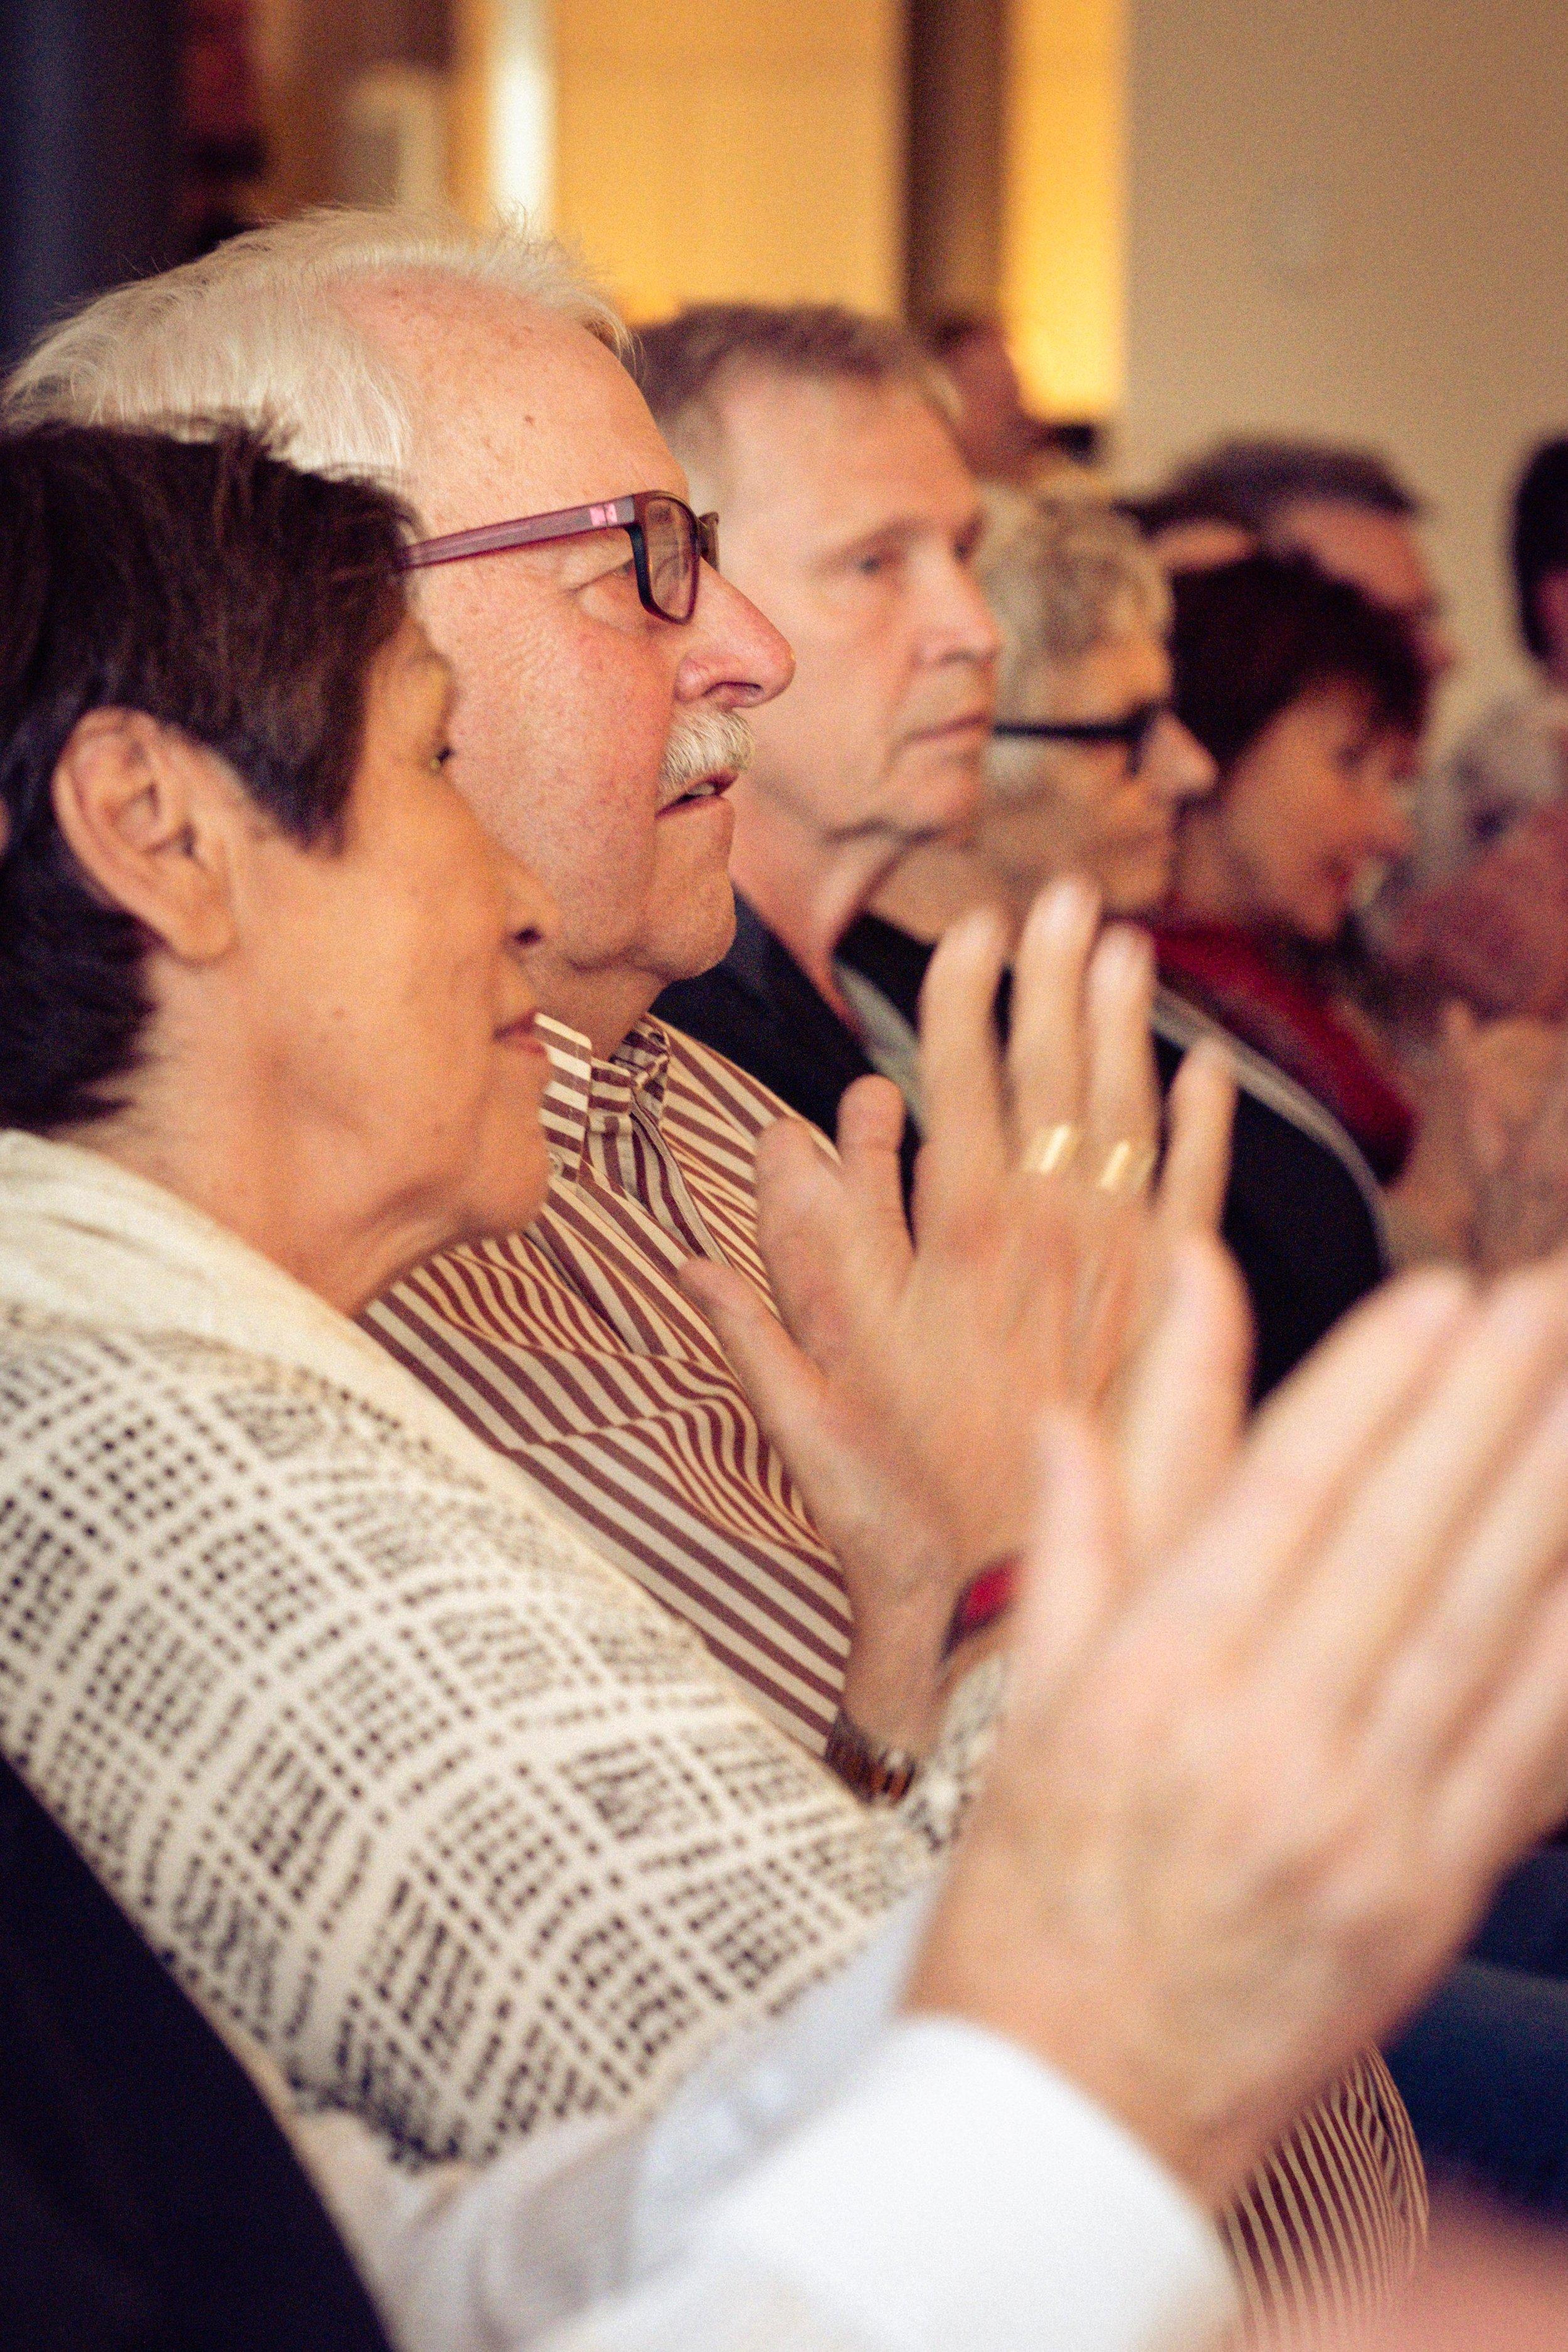 FOTO: Mattias Färnstrand, Kuxagruppen AB